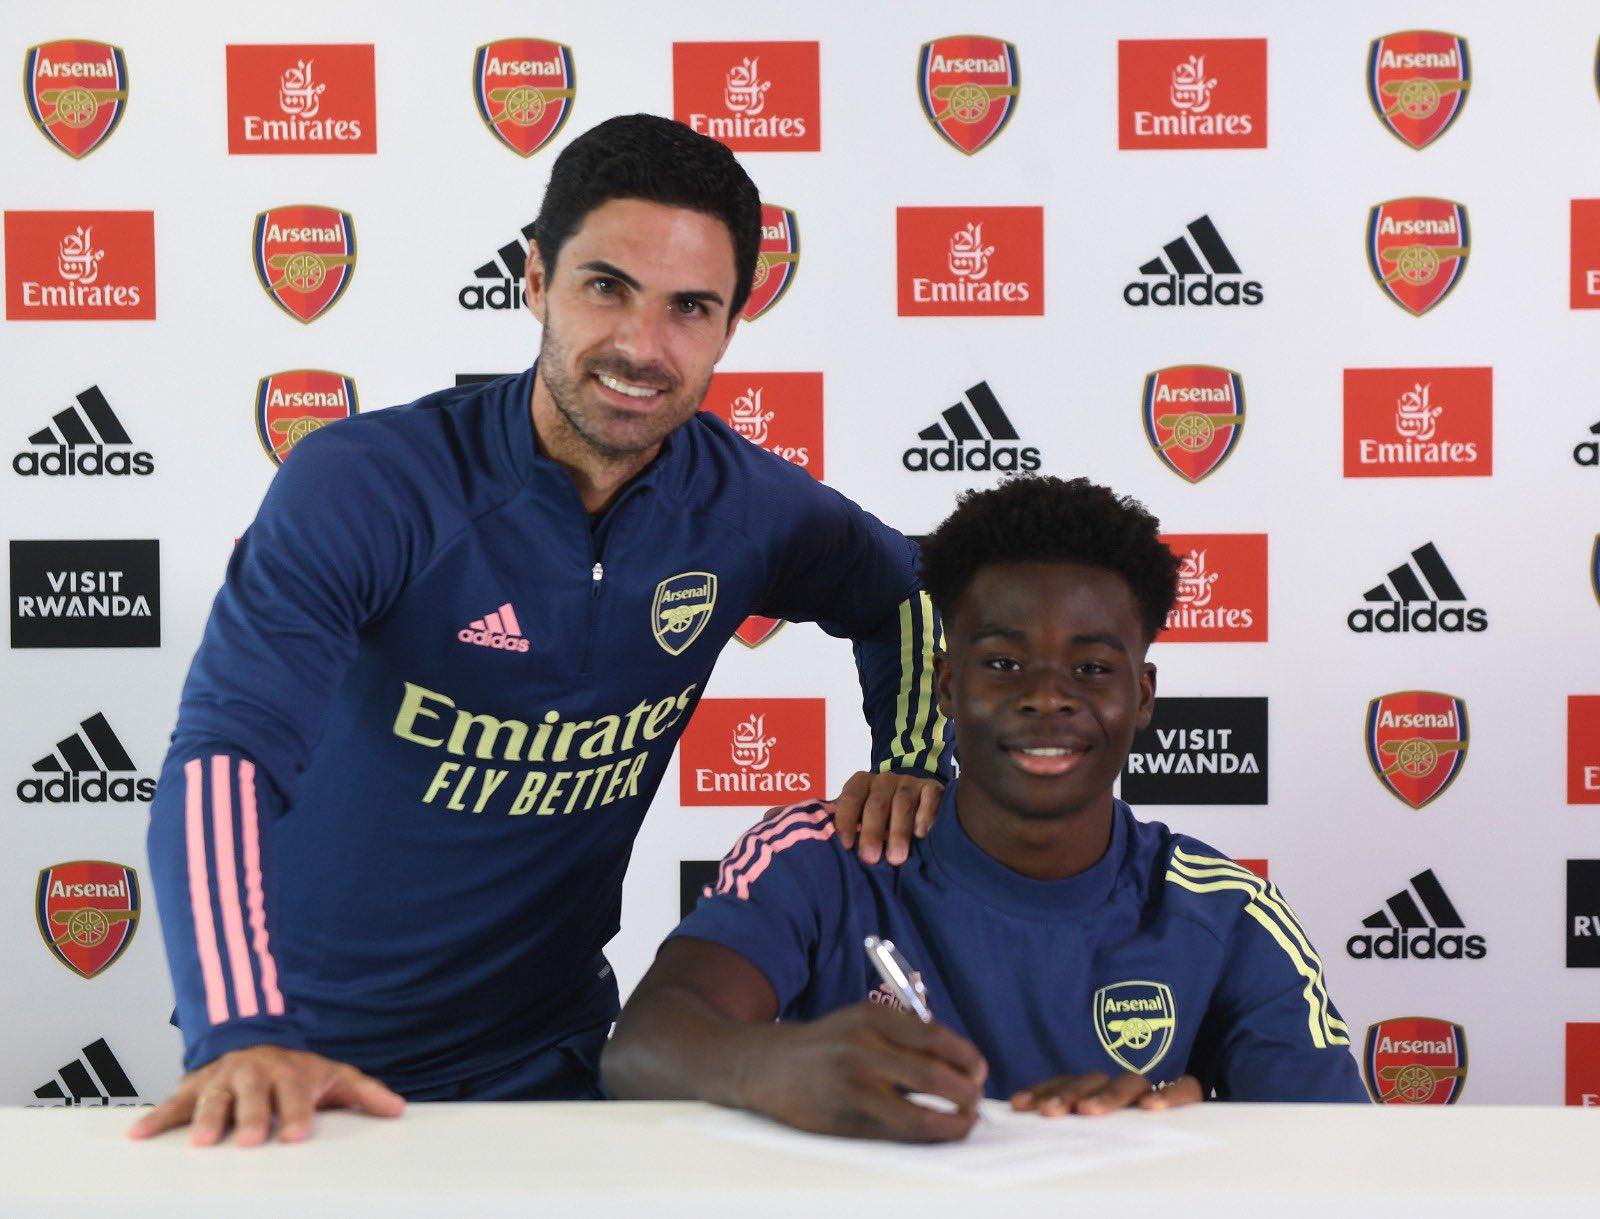 Photo of Bukayo Saka should play for England, not Nigeria, Arsenal Manager says